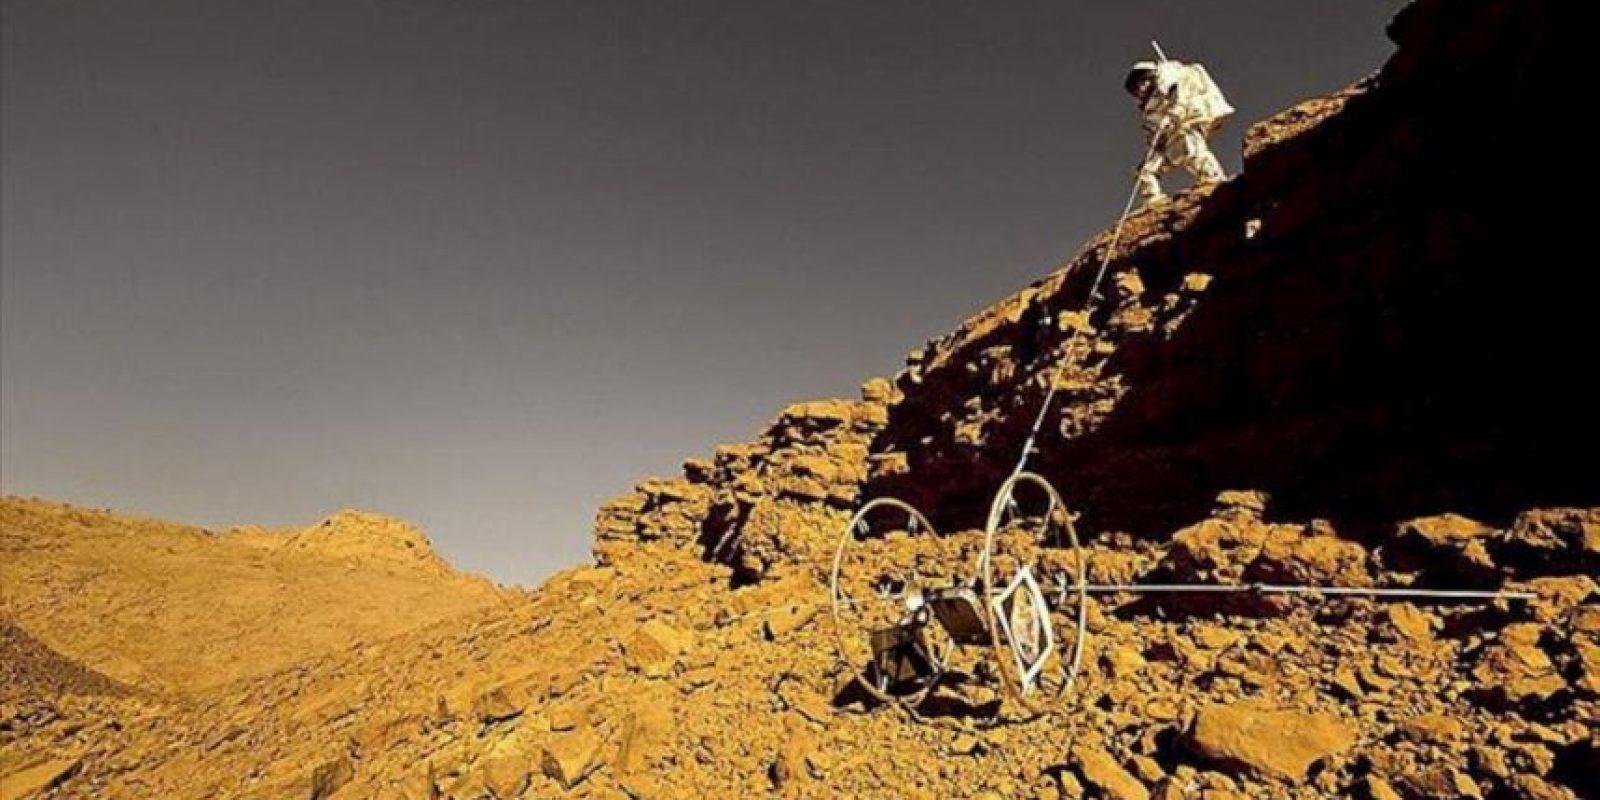 Fotografía facilitada por el centro OEWF, de un integrante del grupo de diez astronautas y técnicos, que ha simulado durante un mes un viaje y exploración en tiempo real a Marte. EFE